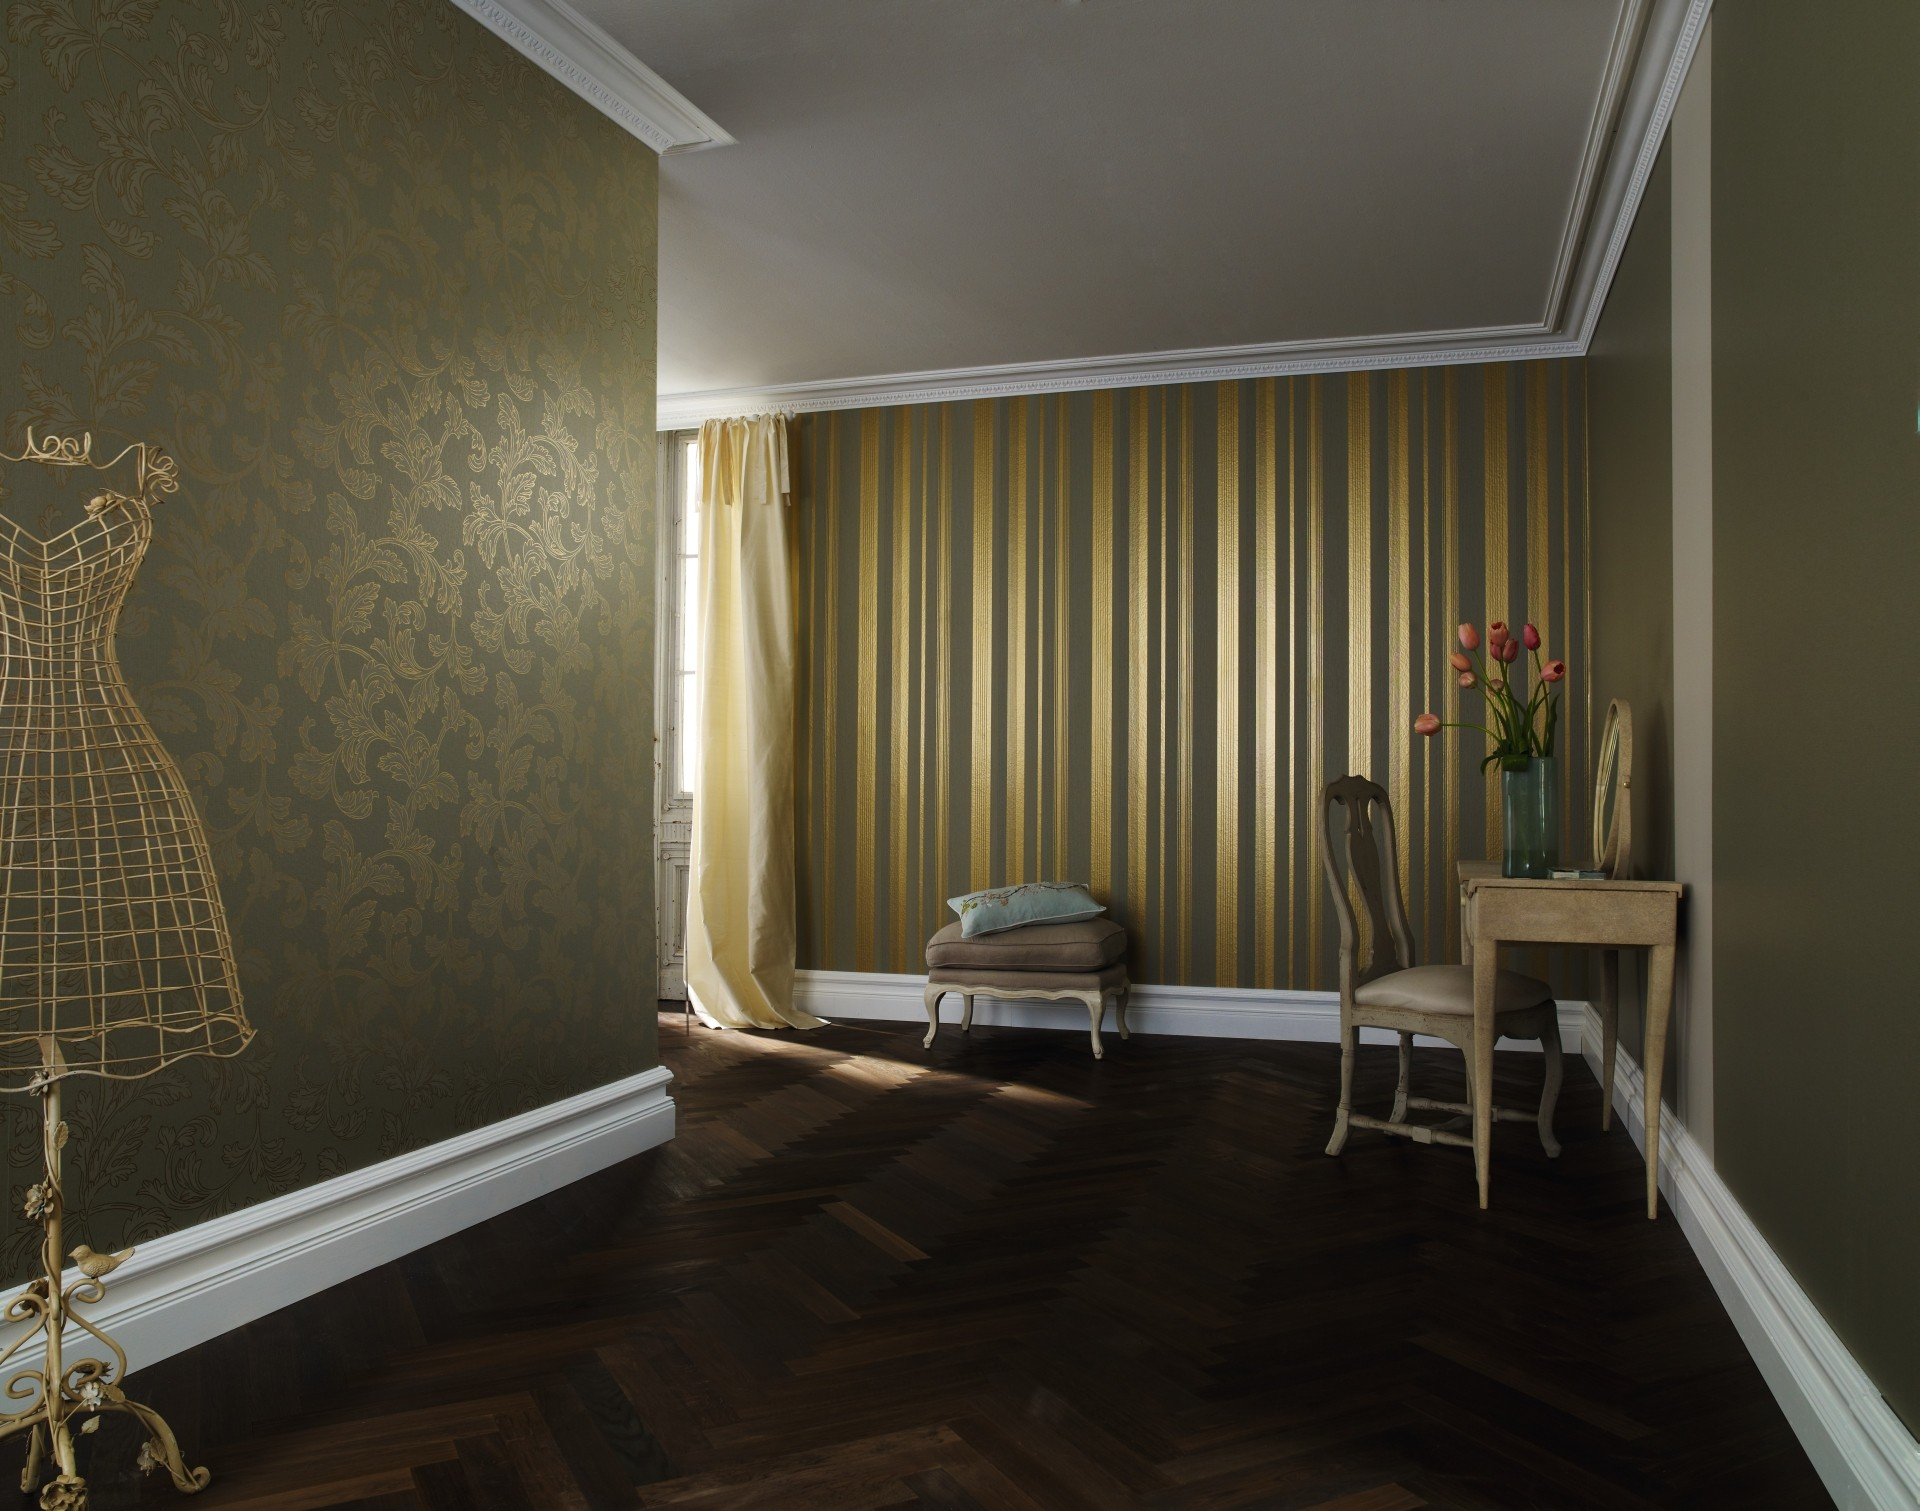 tapeten wohnzimmer gold : Tapete Wohnzimmer Gr N Olegoff Com